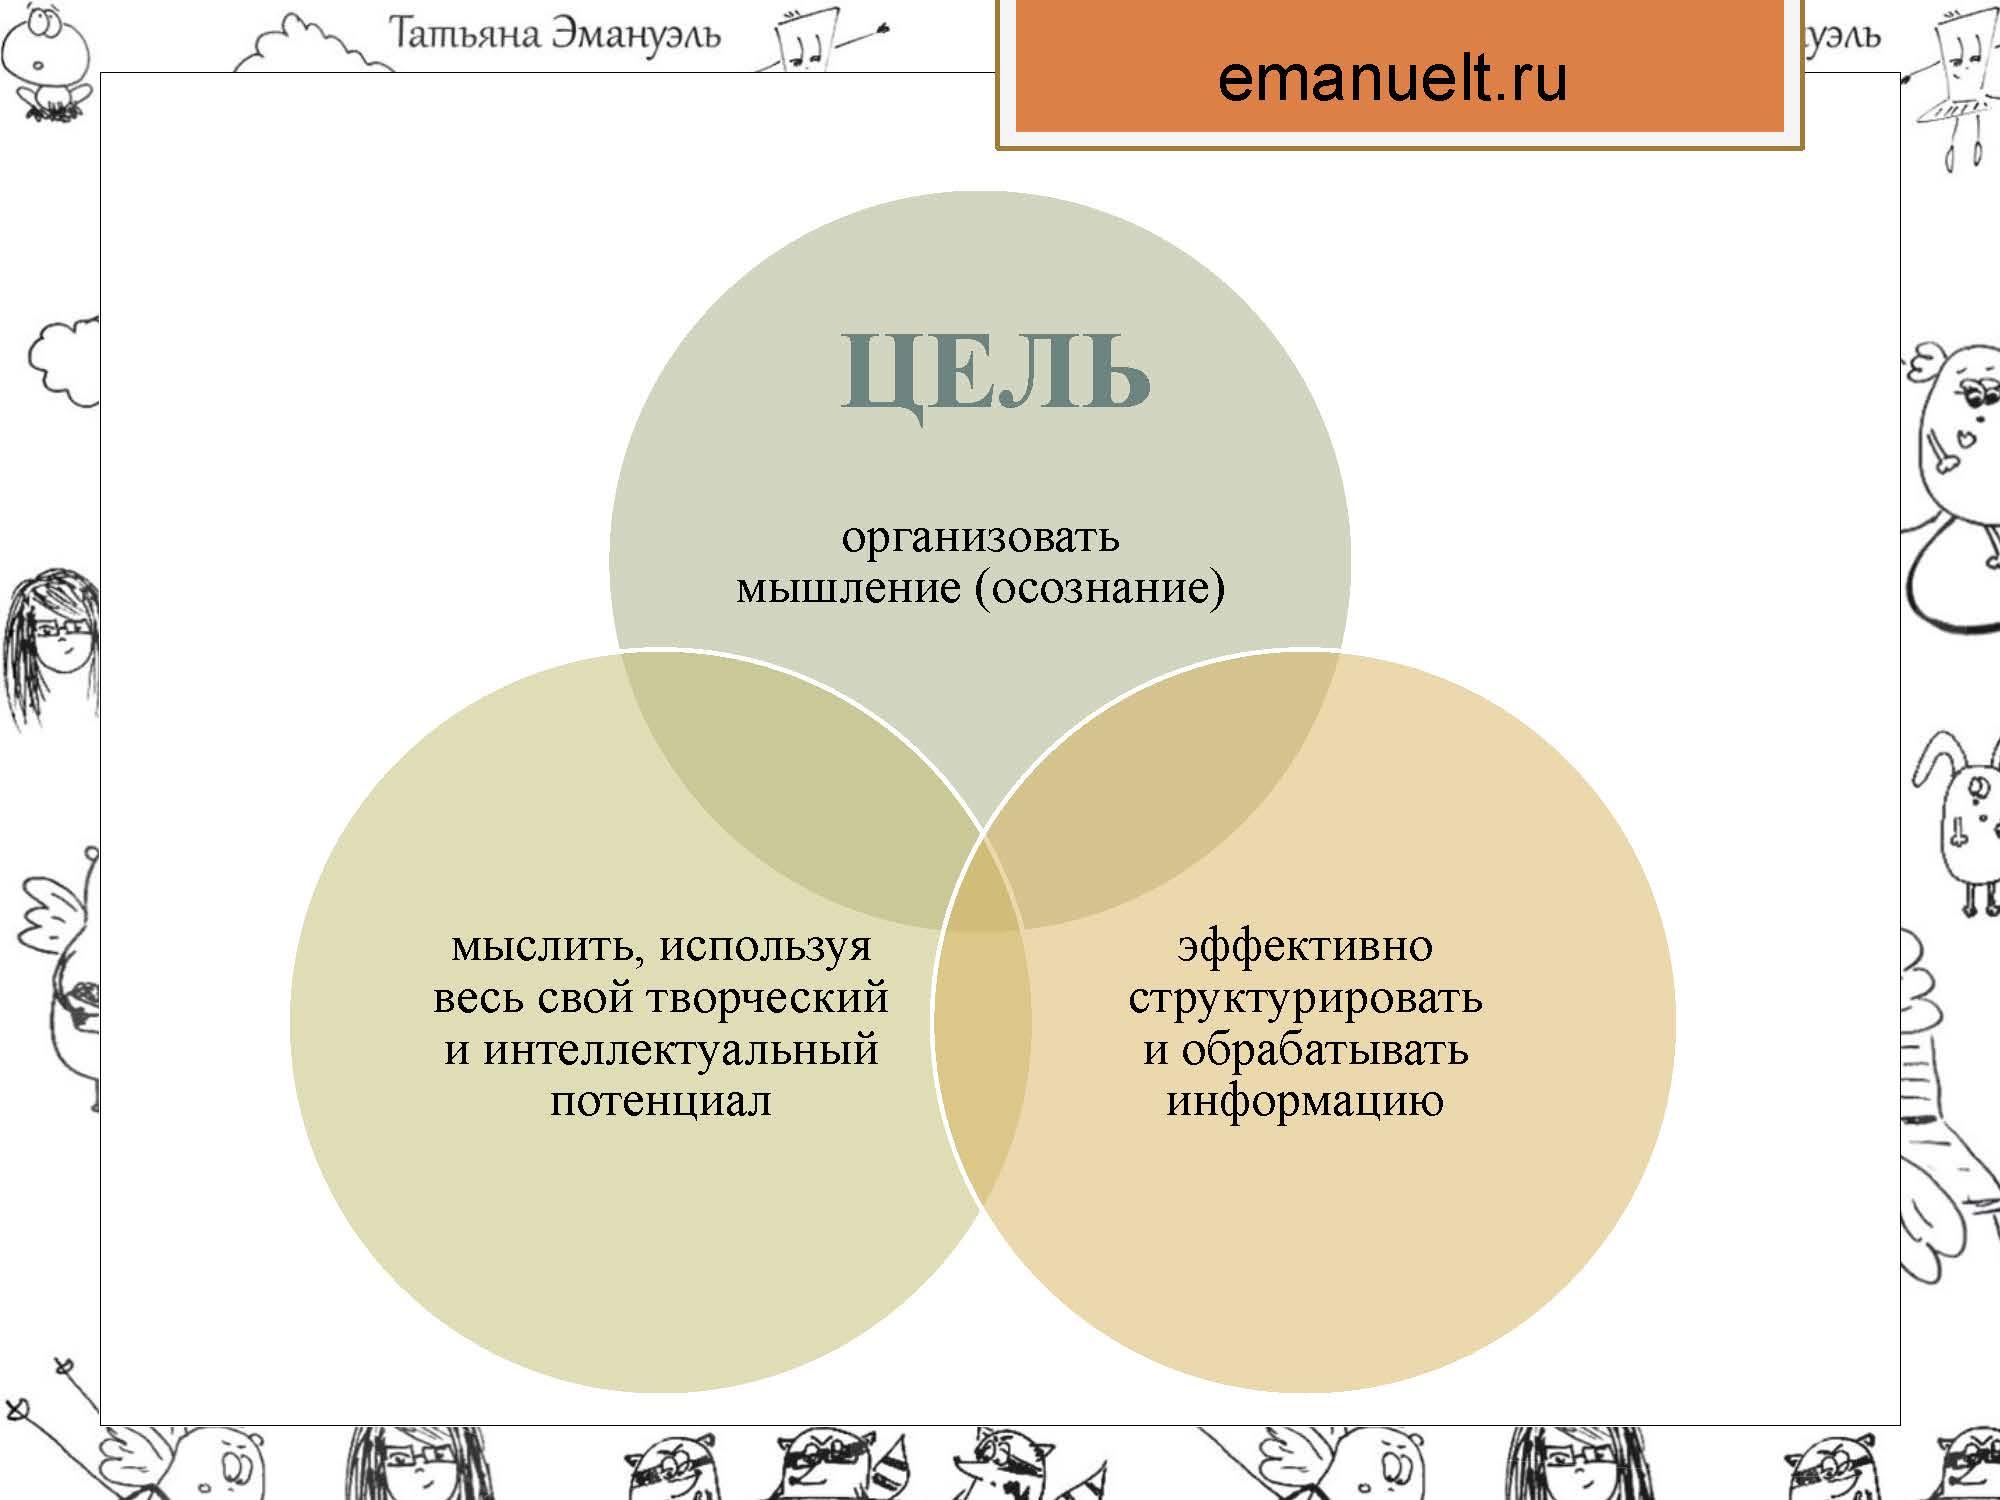 инфо_Страница_029